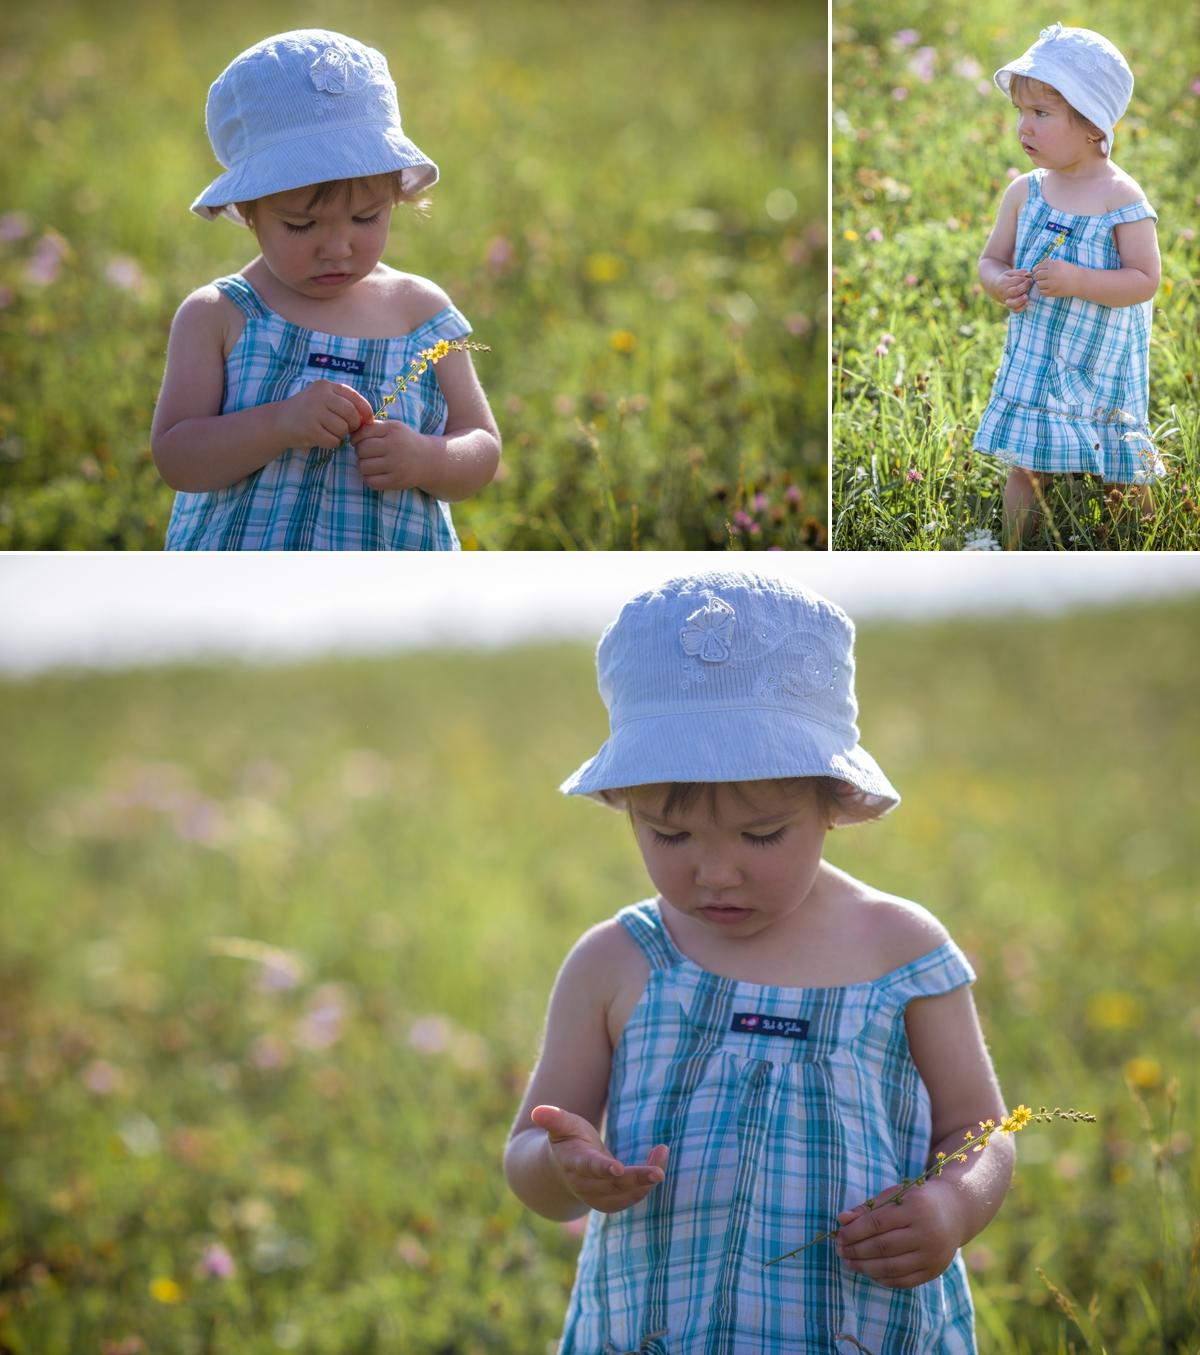 photographe-bebe-rennes-lifestyle-nature